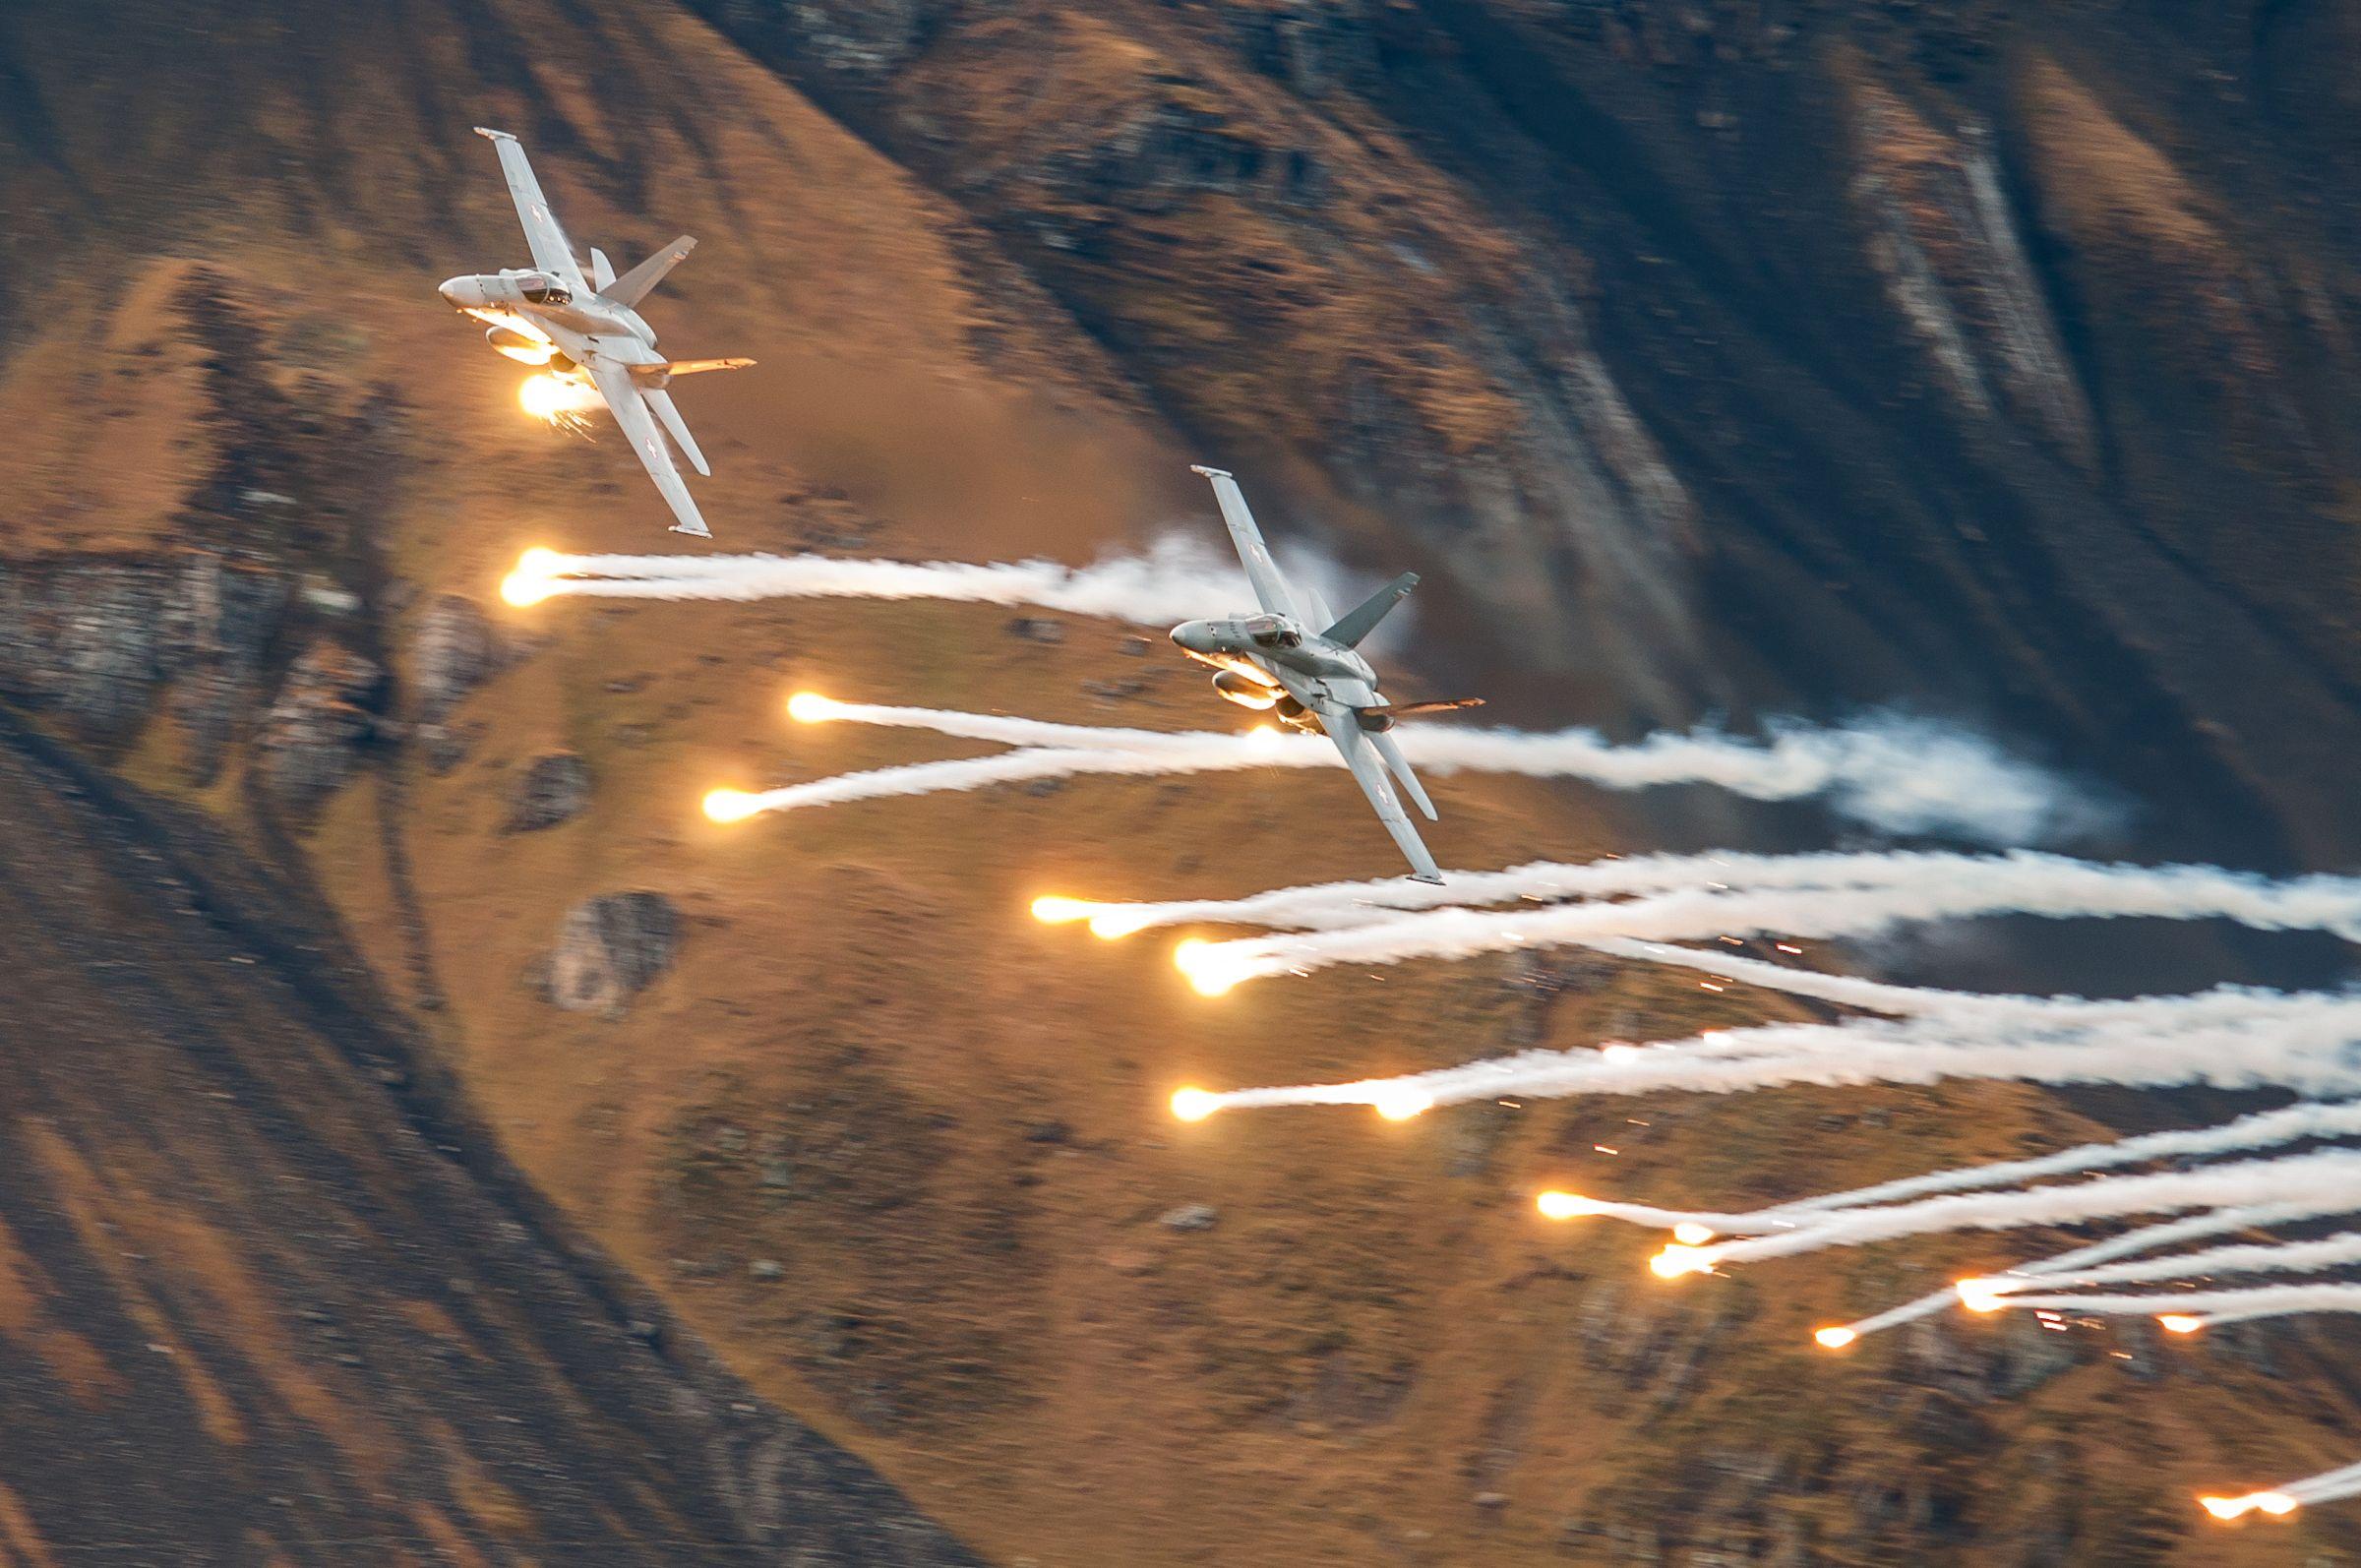 Air force live fire event Axalp 2012 - 10-11 Oct 2012 - Pagina 2 000169f